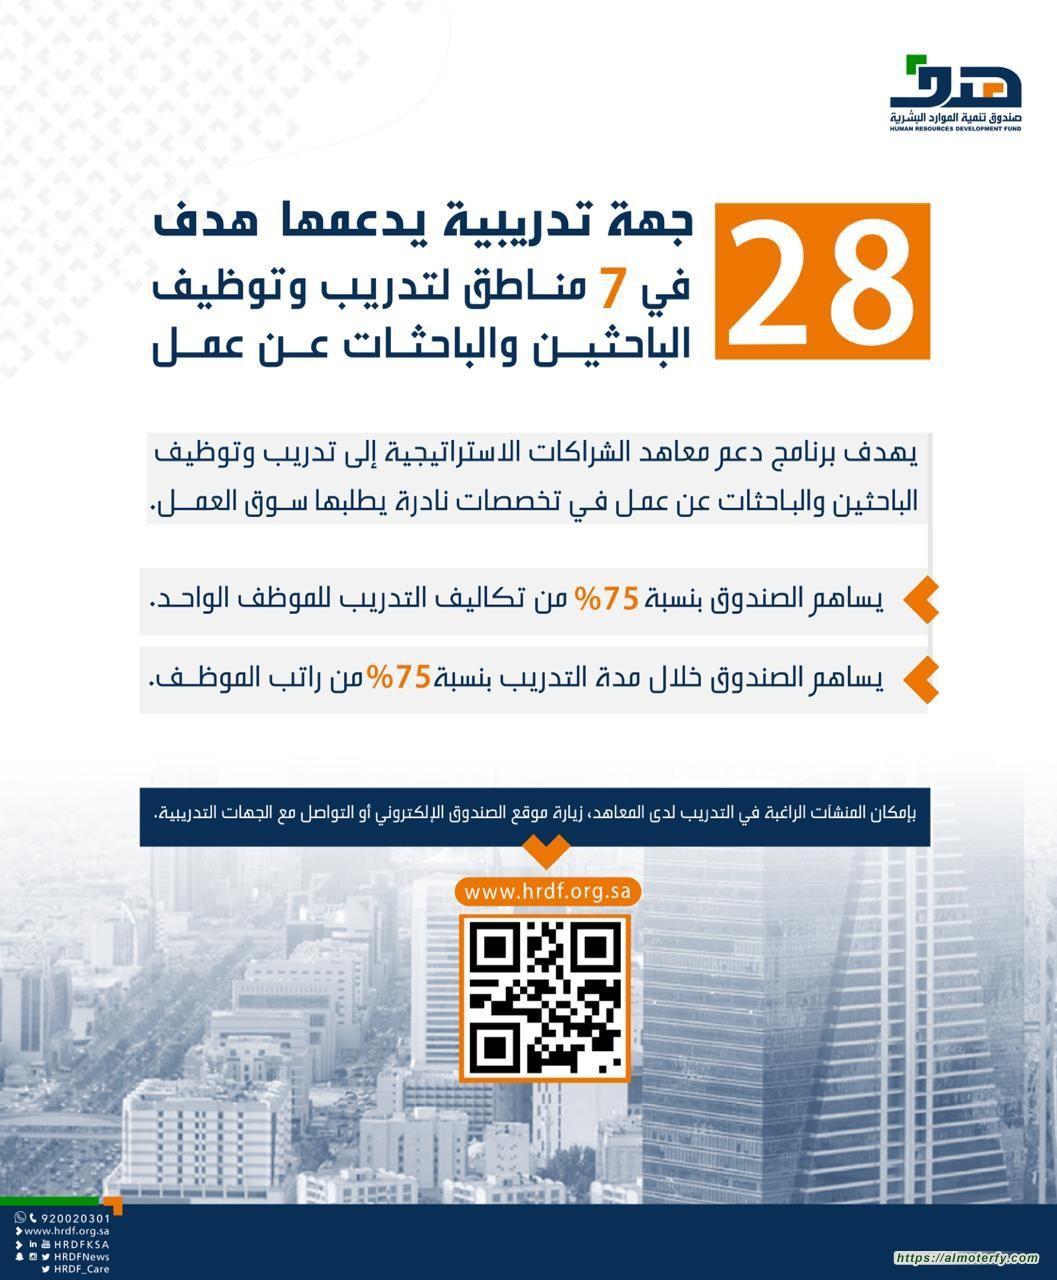 """28 جهة تدريبية يدعمها """"هدف"""" في 7 مناطق لتدريب وتوظيف الباحثين والباحثات عن عمل"""